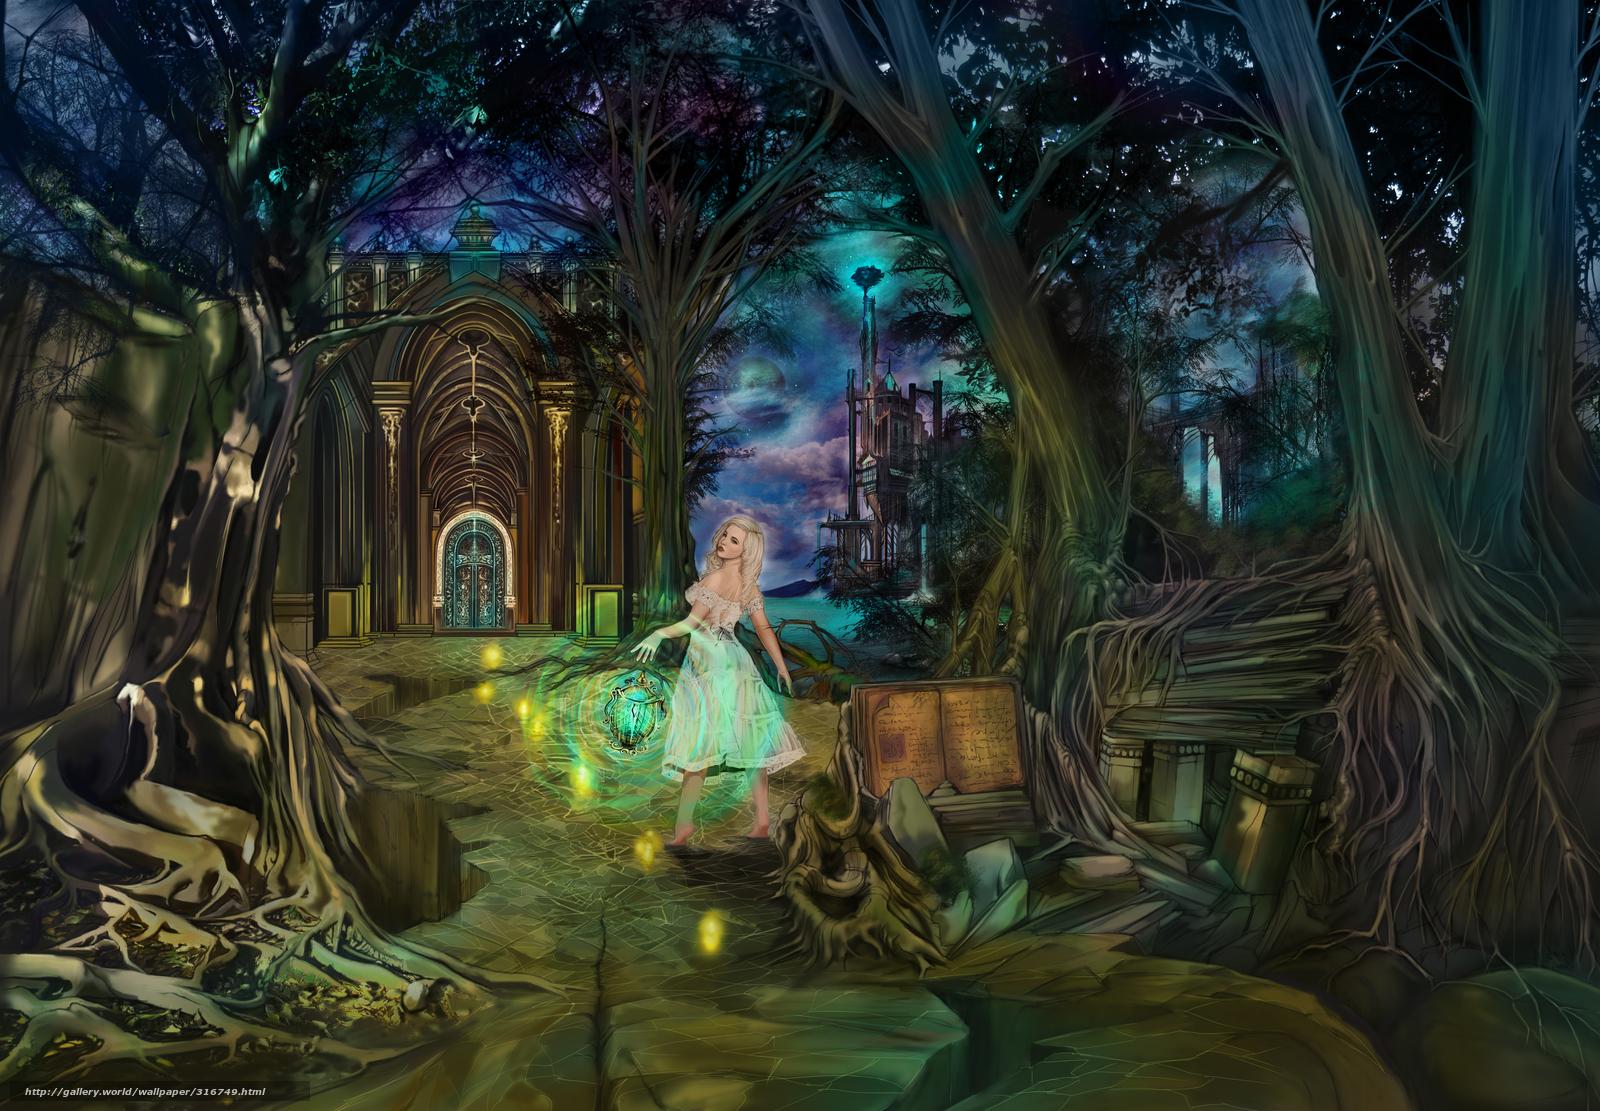 download wallpaper story magic fantasy the enchanted